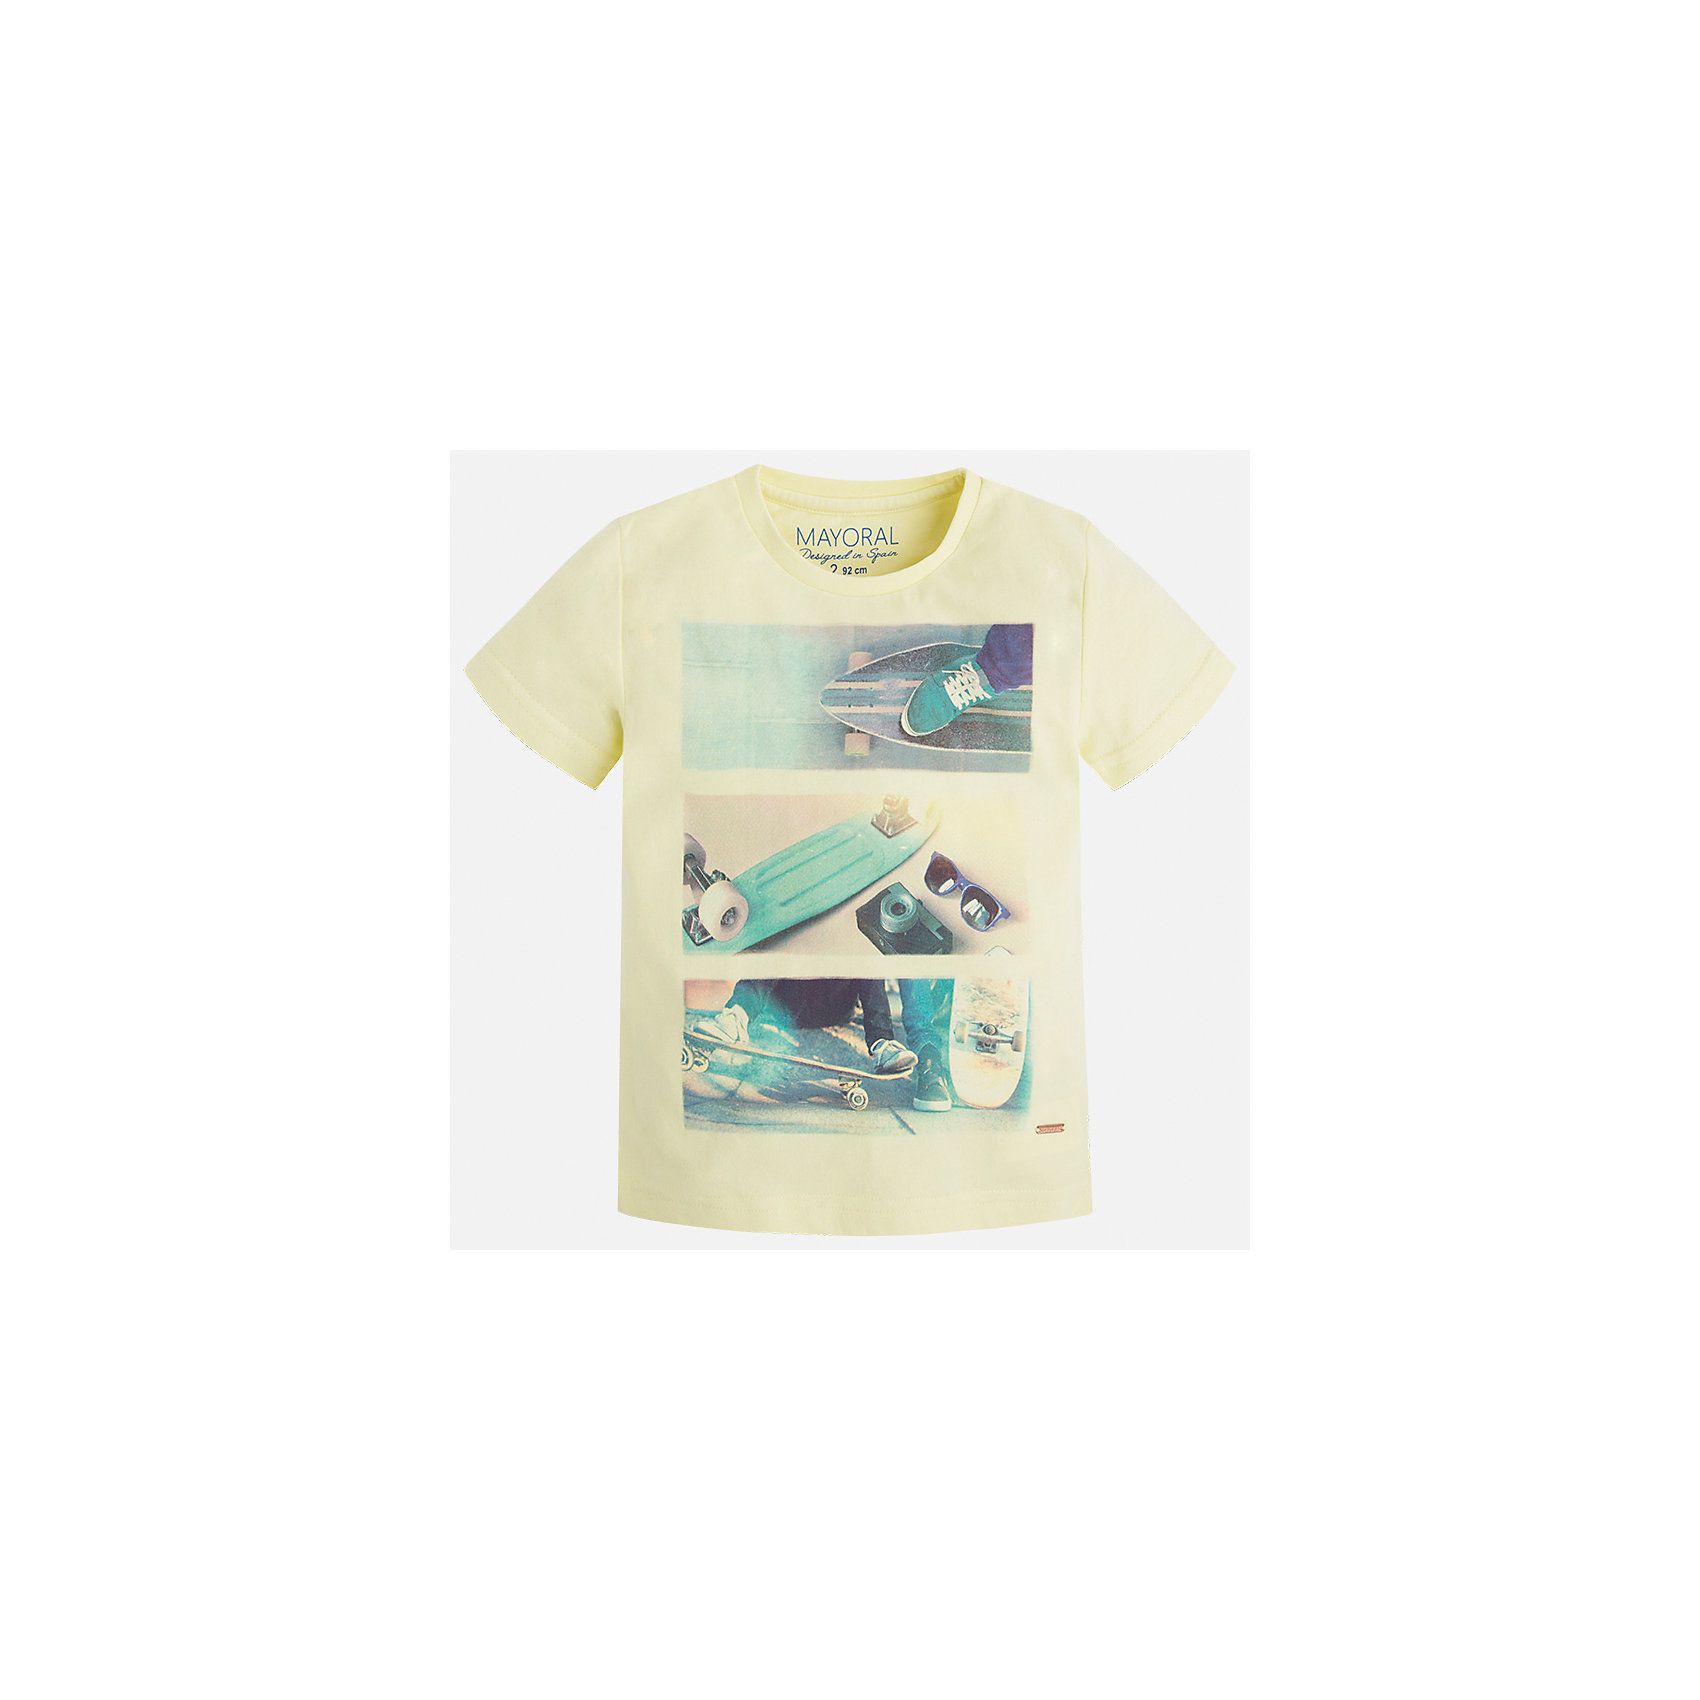 Футболка для мальчика MayoralФутболки, поло и топы<br>Характеристики товара:<br><br>• цвет: желтый<br>• состав: 100% хлопок<br>• круглый горловой вырез<br>• декорирована принтом<br>• короткие рукава<br>• отделка горловины<br>• страна бренда: Испания<br><br>Стильная удобная футболка с принтом поможет разнообразить гардероб мальчика. Она отлично сочетается с брюками, шортами, джинсами. Универсальный крой и цвет позволяет подобрать к вещи низ разных расцветок. Практичное и стильное изделие! Хорошо смотрится и комфортно сидит на детях. В составе материала - только натуральный хлопок, гипоаллергенный, приятный на ощупь, дышащий. <br><br>Одежда, обувь и аксессуары от испанского бренда Mayoral полюбились детям и взрослым по всему миру. Модели этой марки - стильные и удобные. Для их производства используются только безопасные, качественные материалы и фурнитура. Порадуйте ребенка модными и красивыми вещами от Mayoral! <br><br>Футболку для мальчика от испанского бренда Mayoral (Майорал) можно купить в нашем интернет-магазине.<br><br>Ширина мм: 199<br>Глубина мм: 10<br>Высота мм: 161<br>Вес г: 151<br>Цвет: оранжевый<br>Возраст от месяцев: 48<br>Возраст до месяцев: 60<br>Пол: Мужской<br>Возраст: Детский<br>Размер: 110,134,128,122,116<br>SKU: 5280059